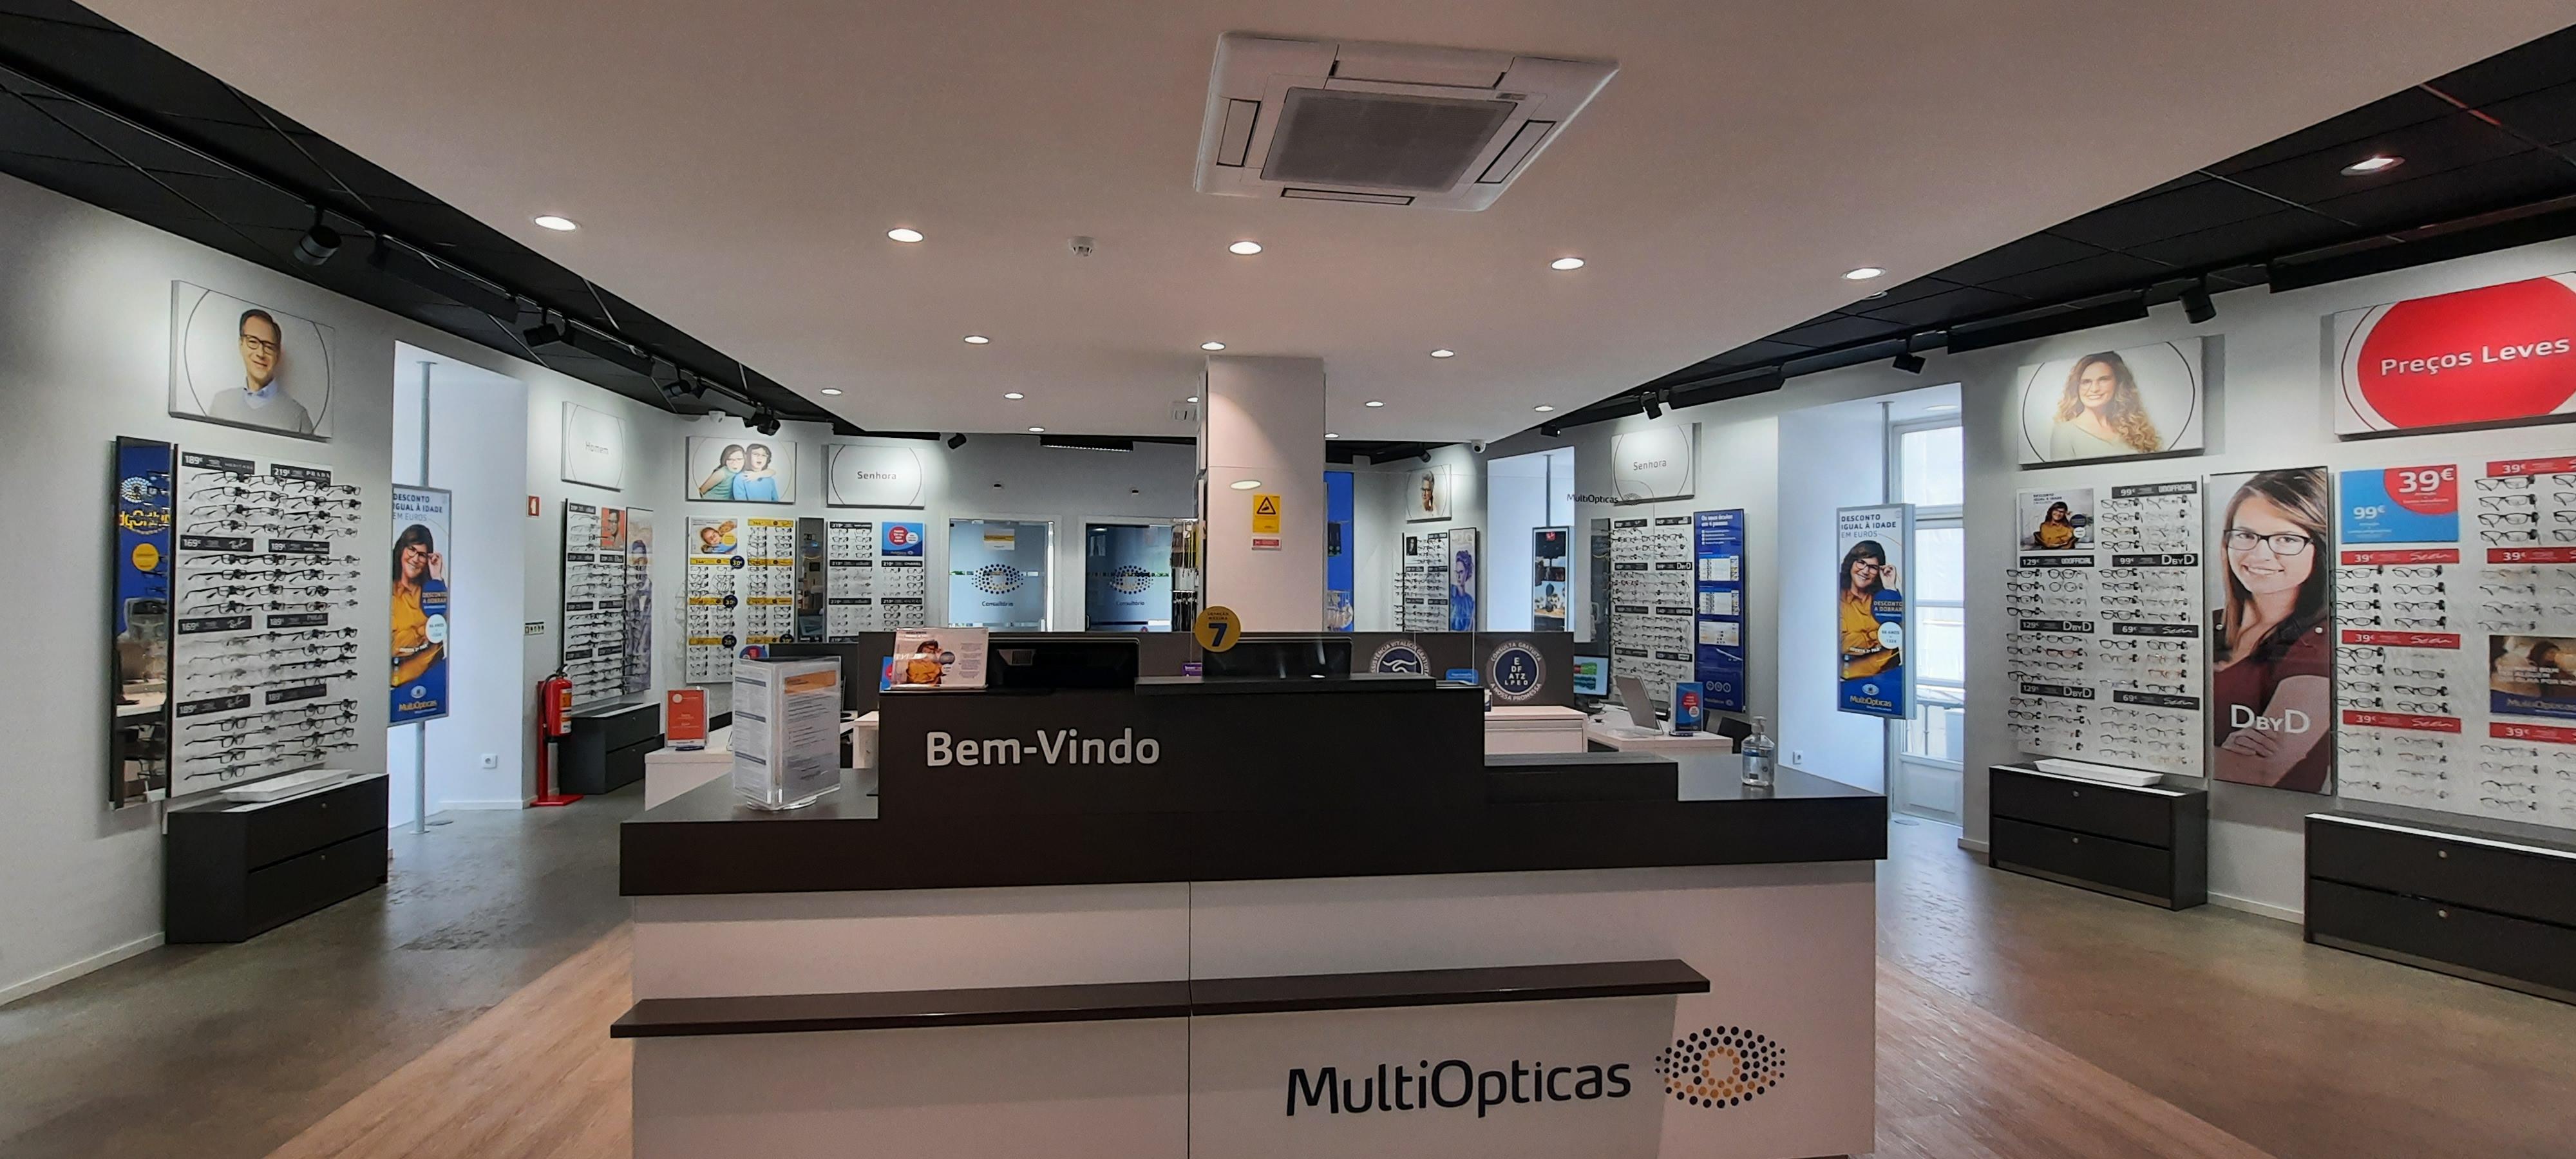 Ópticas MultiOpticas Rossio Lisboa